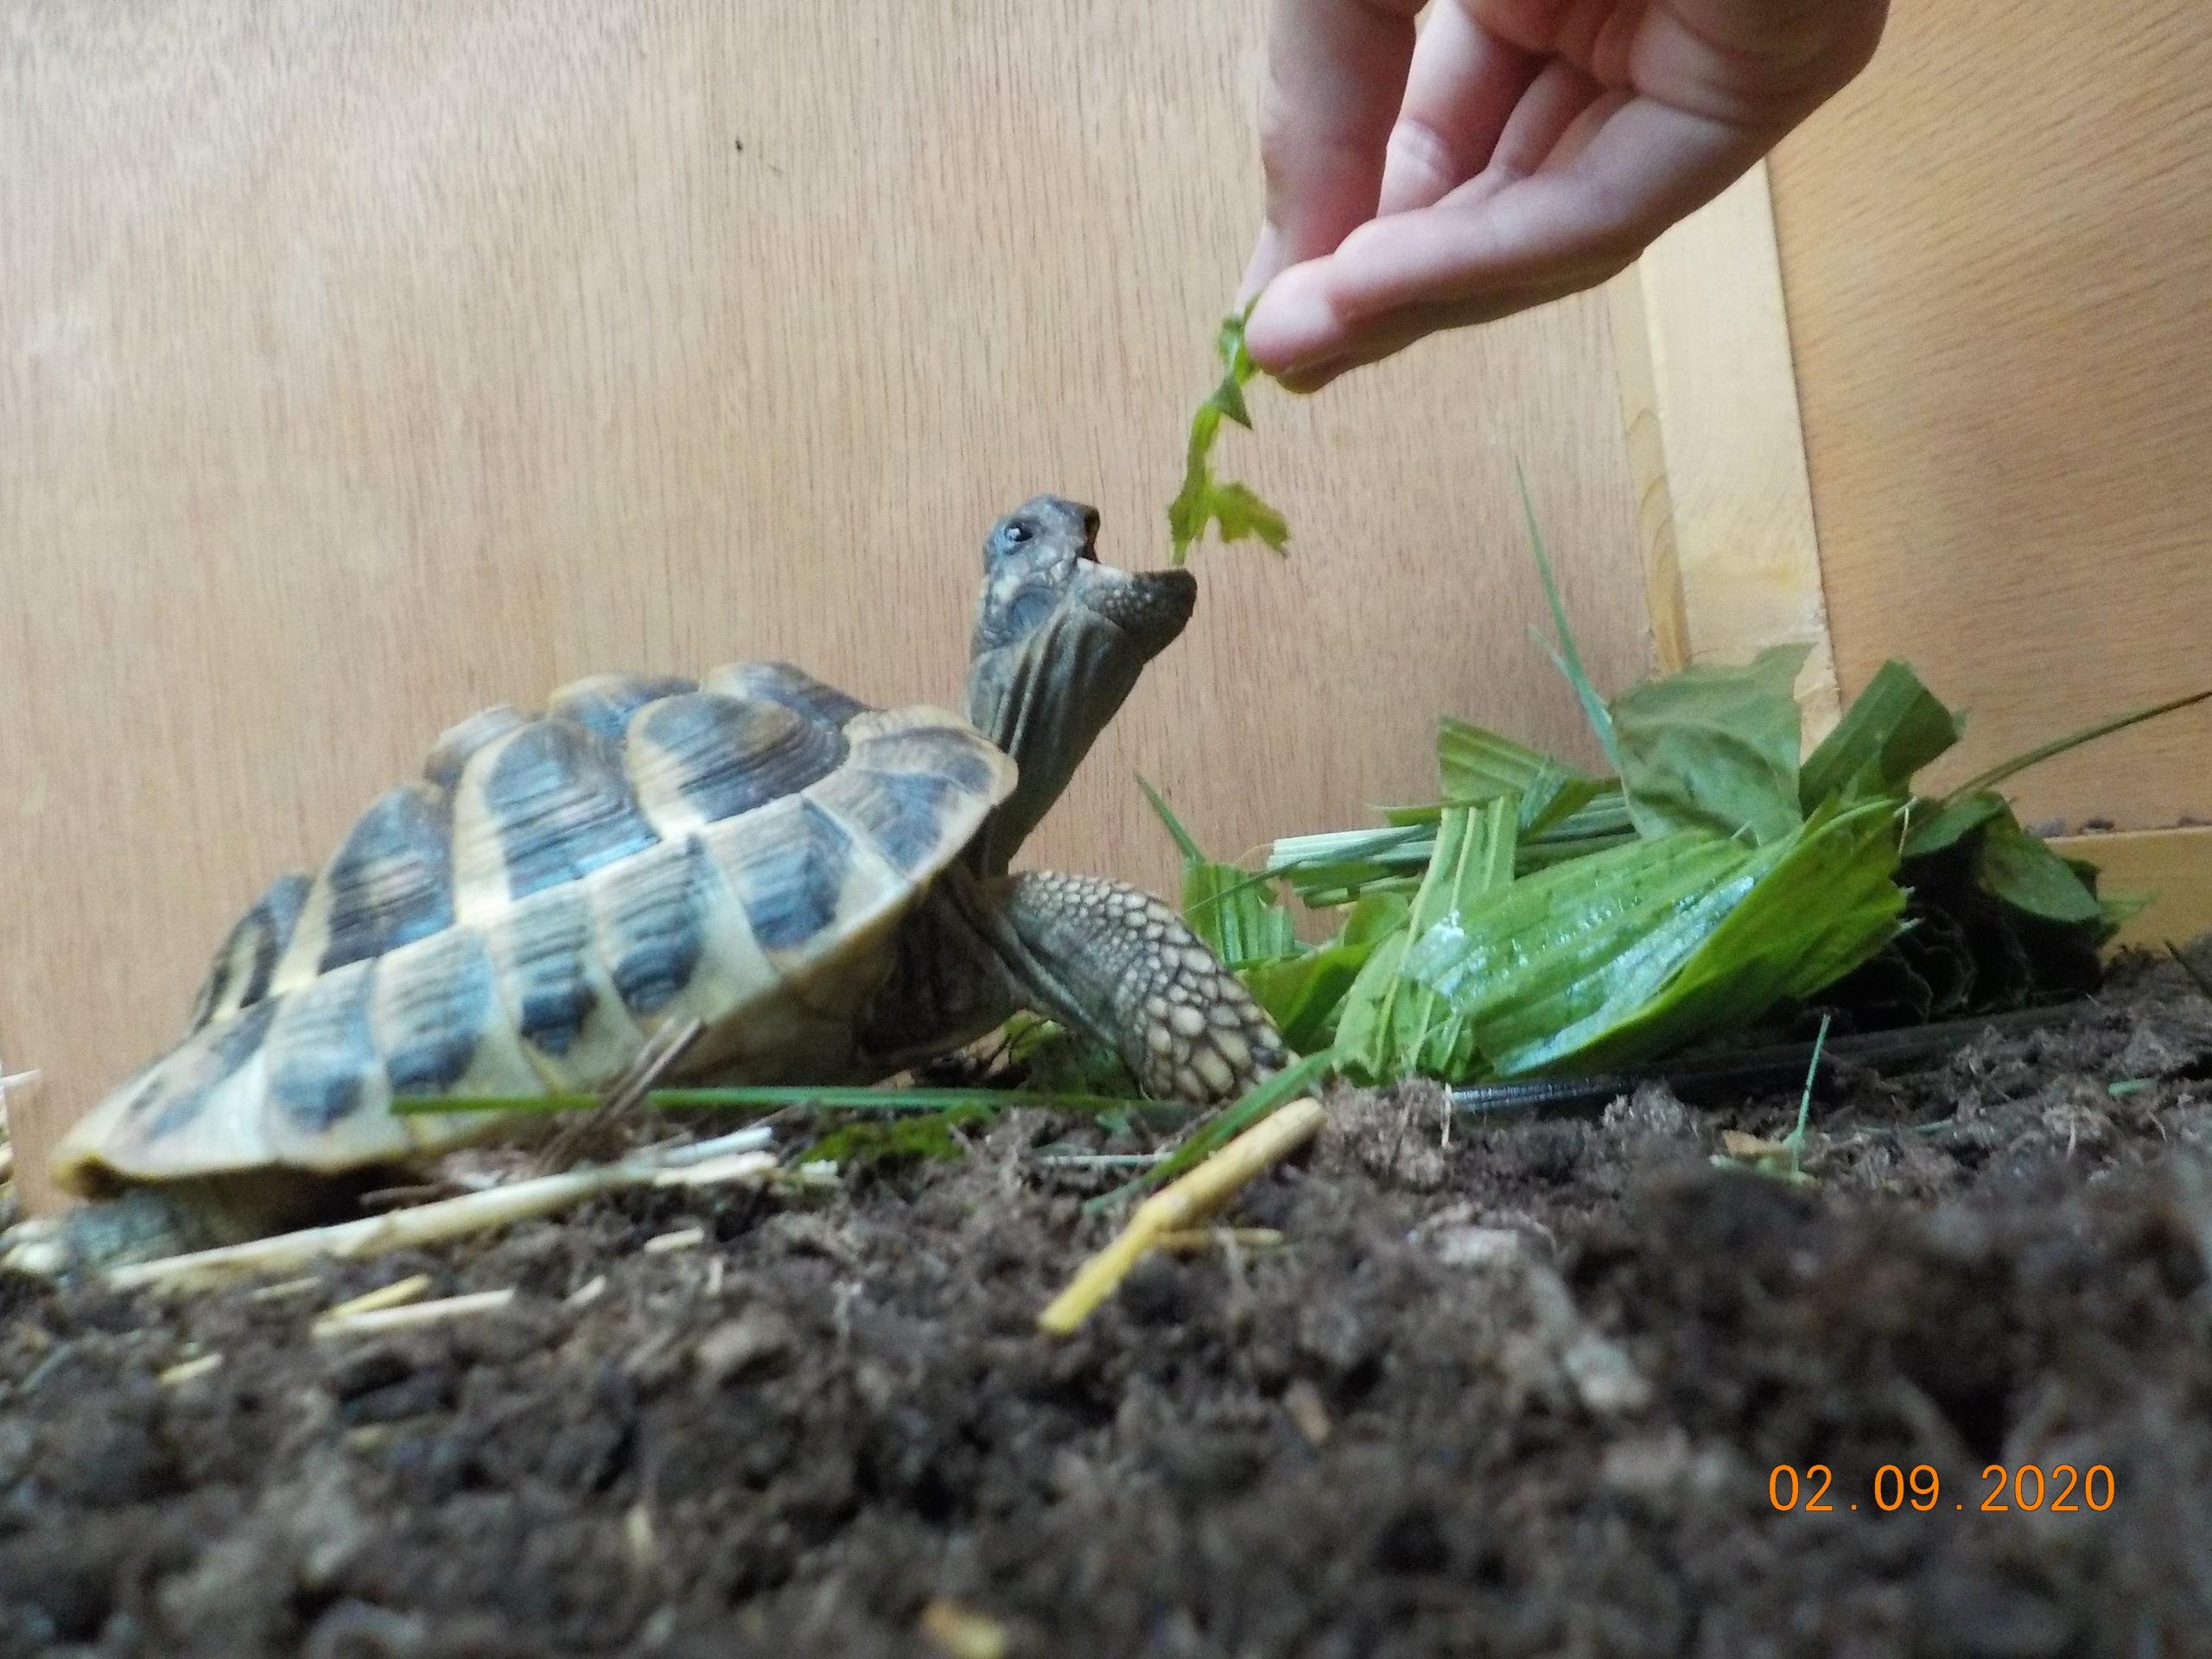 Die Griechische Landschildkröte Theodor wird gefüttert